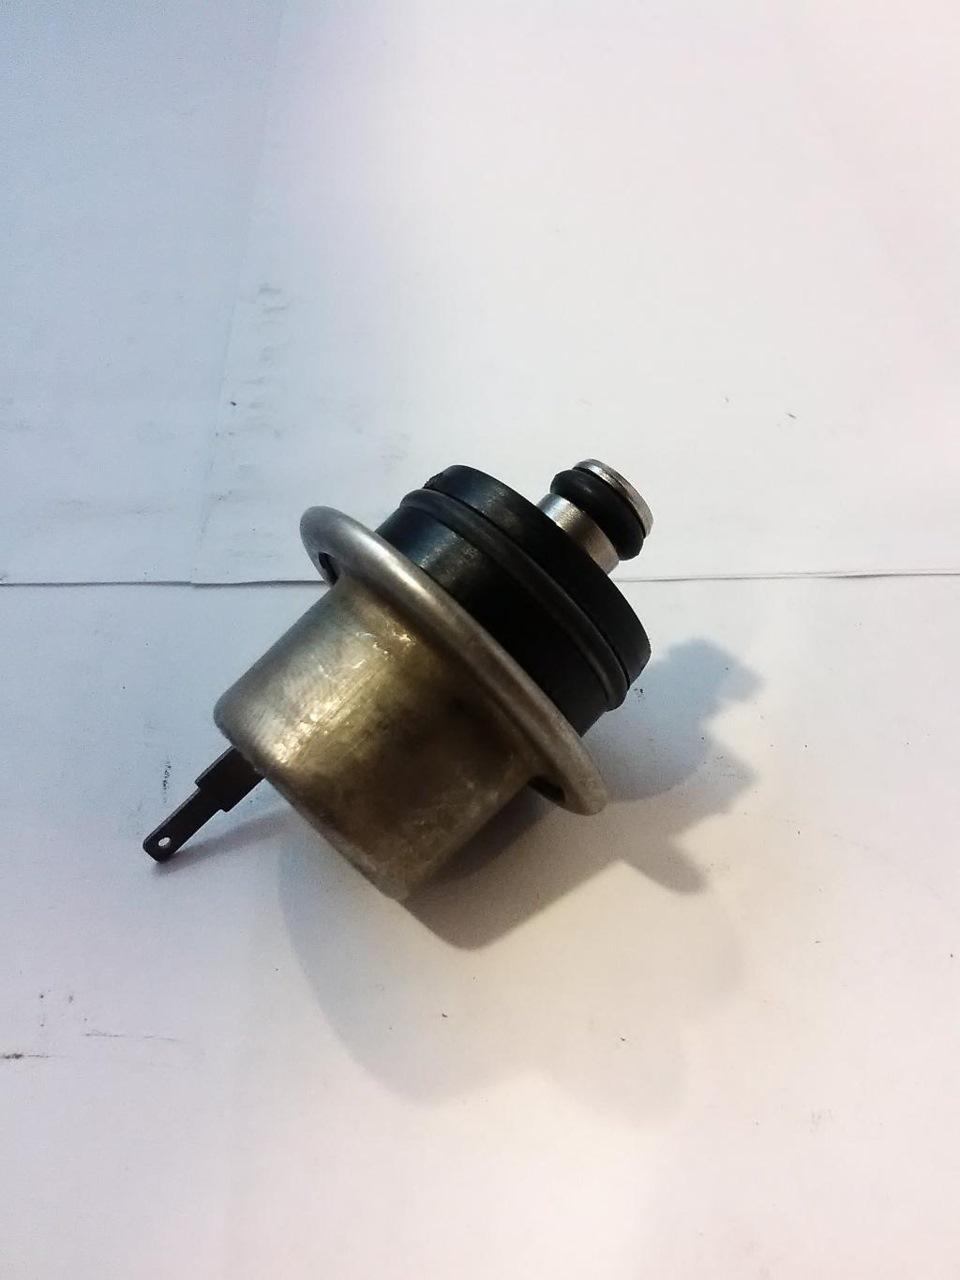 Фото №7 - регулятор давления топлива в баке ВАЗ 2110